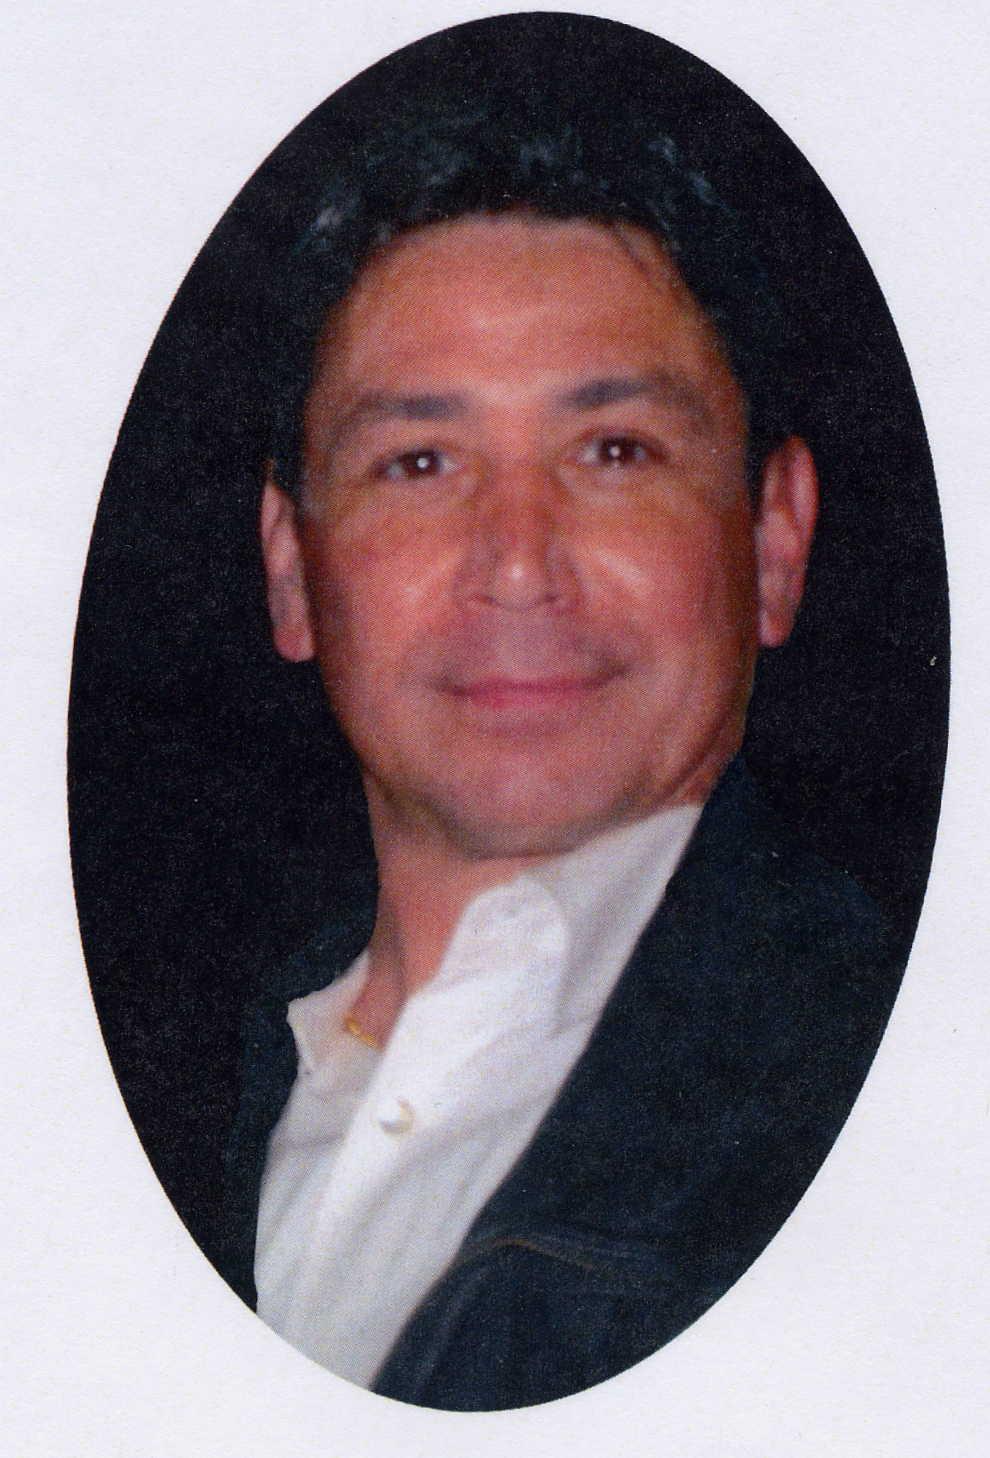 Patrick Lee Curtis